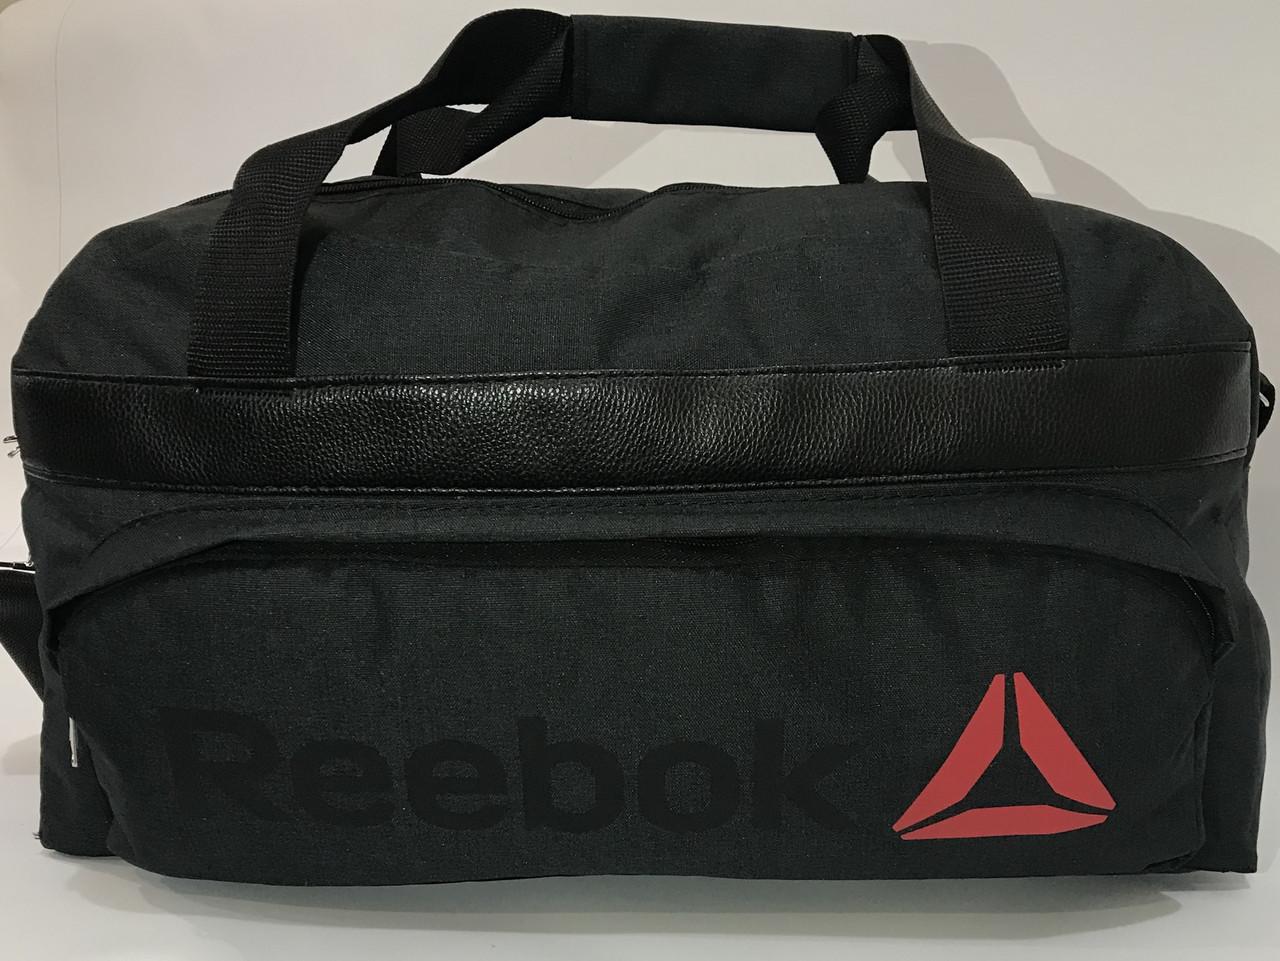 Дорожня сумка D - 15 - 144 Reebok